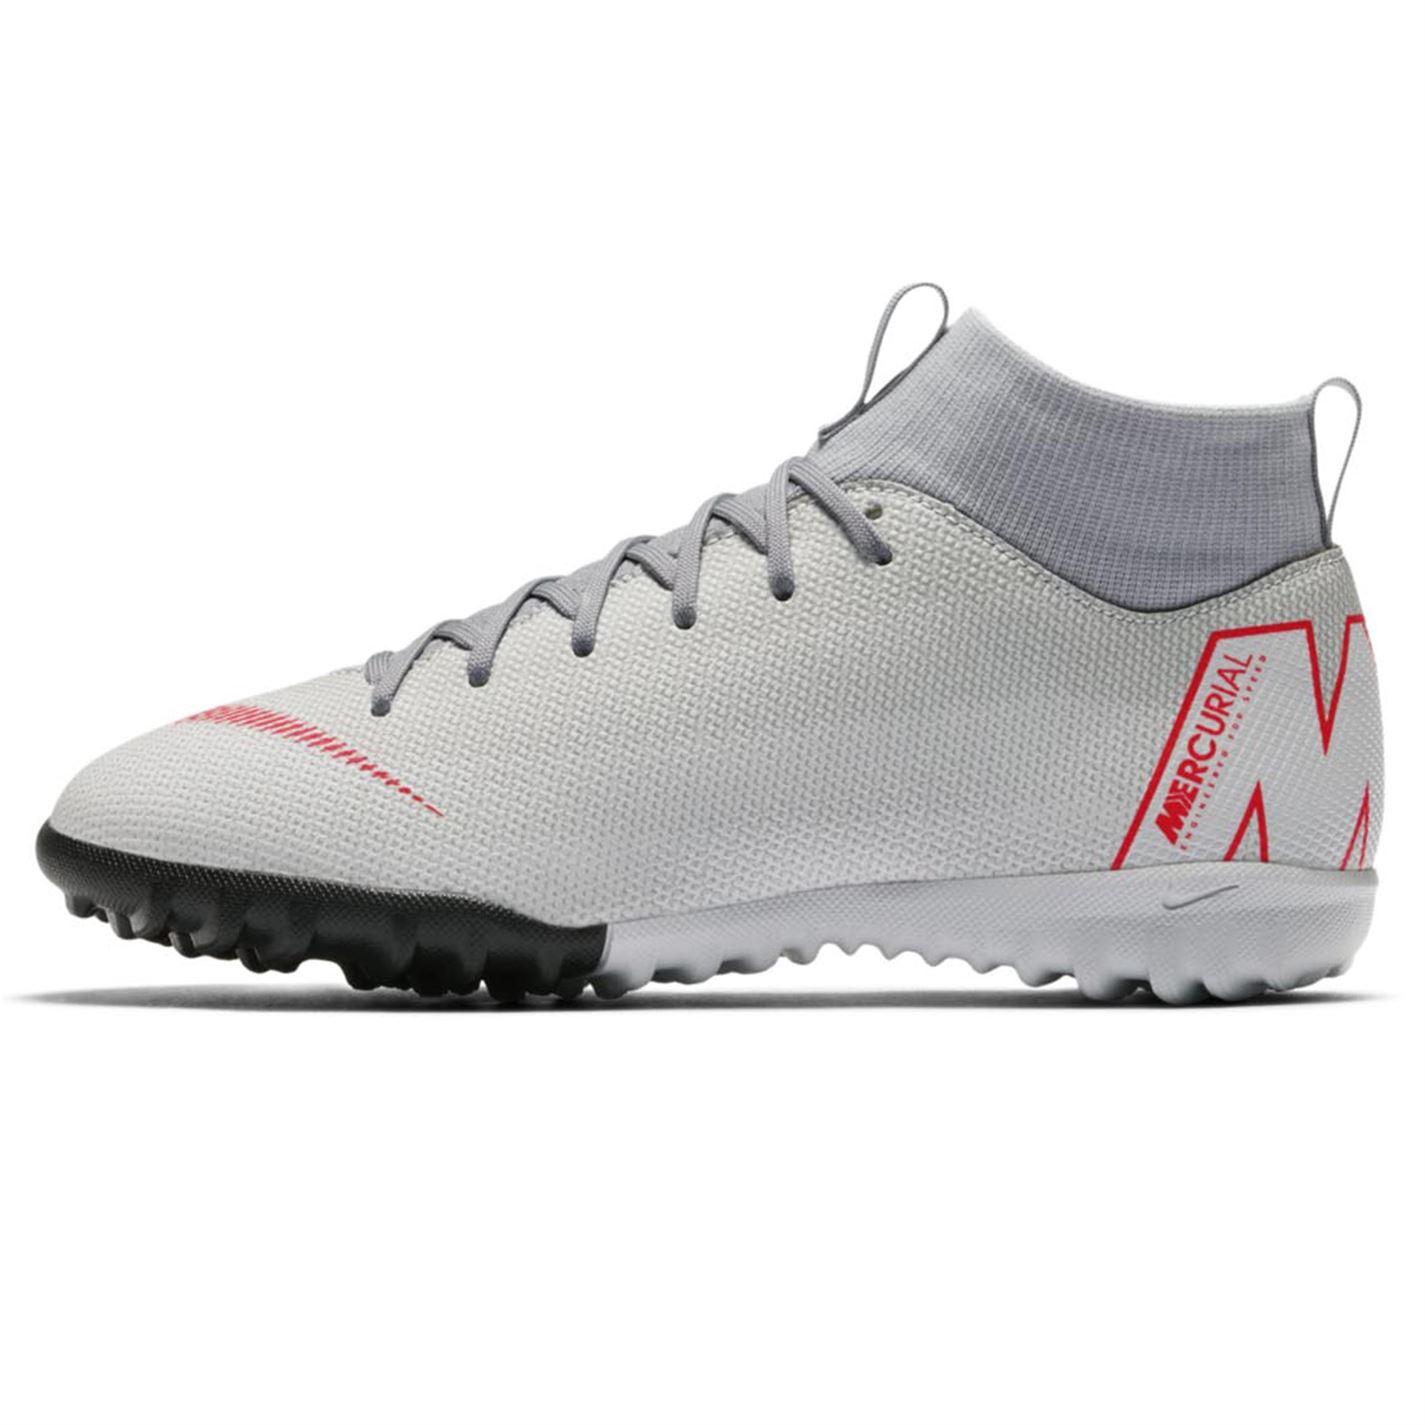 d9daa039ac05 boty Nike Mercurial Superfly Academy DF dětské Astro Turf